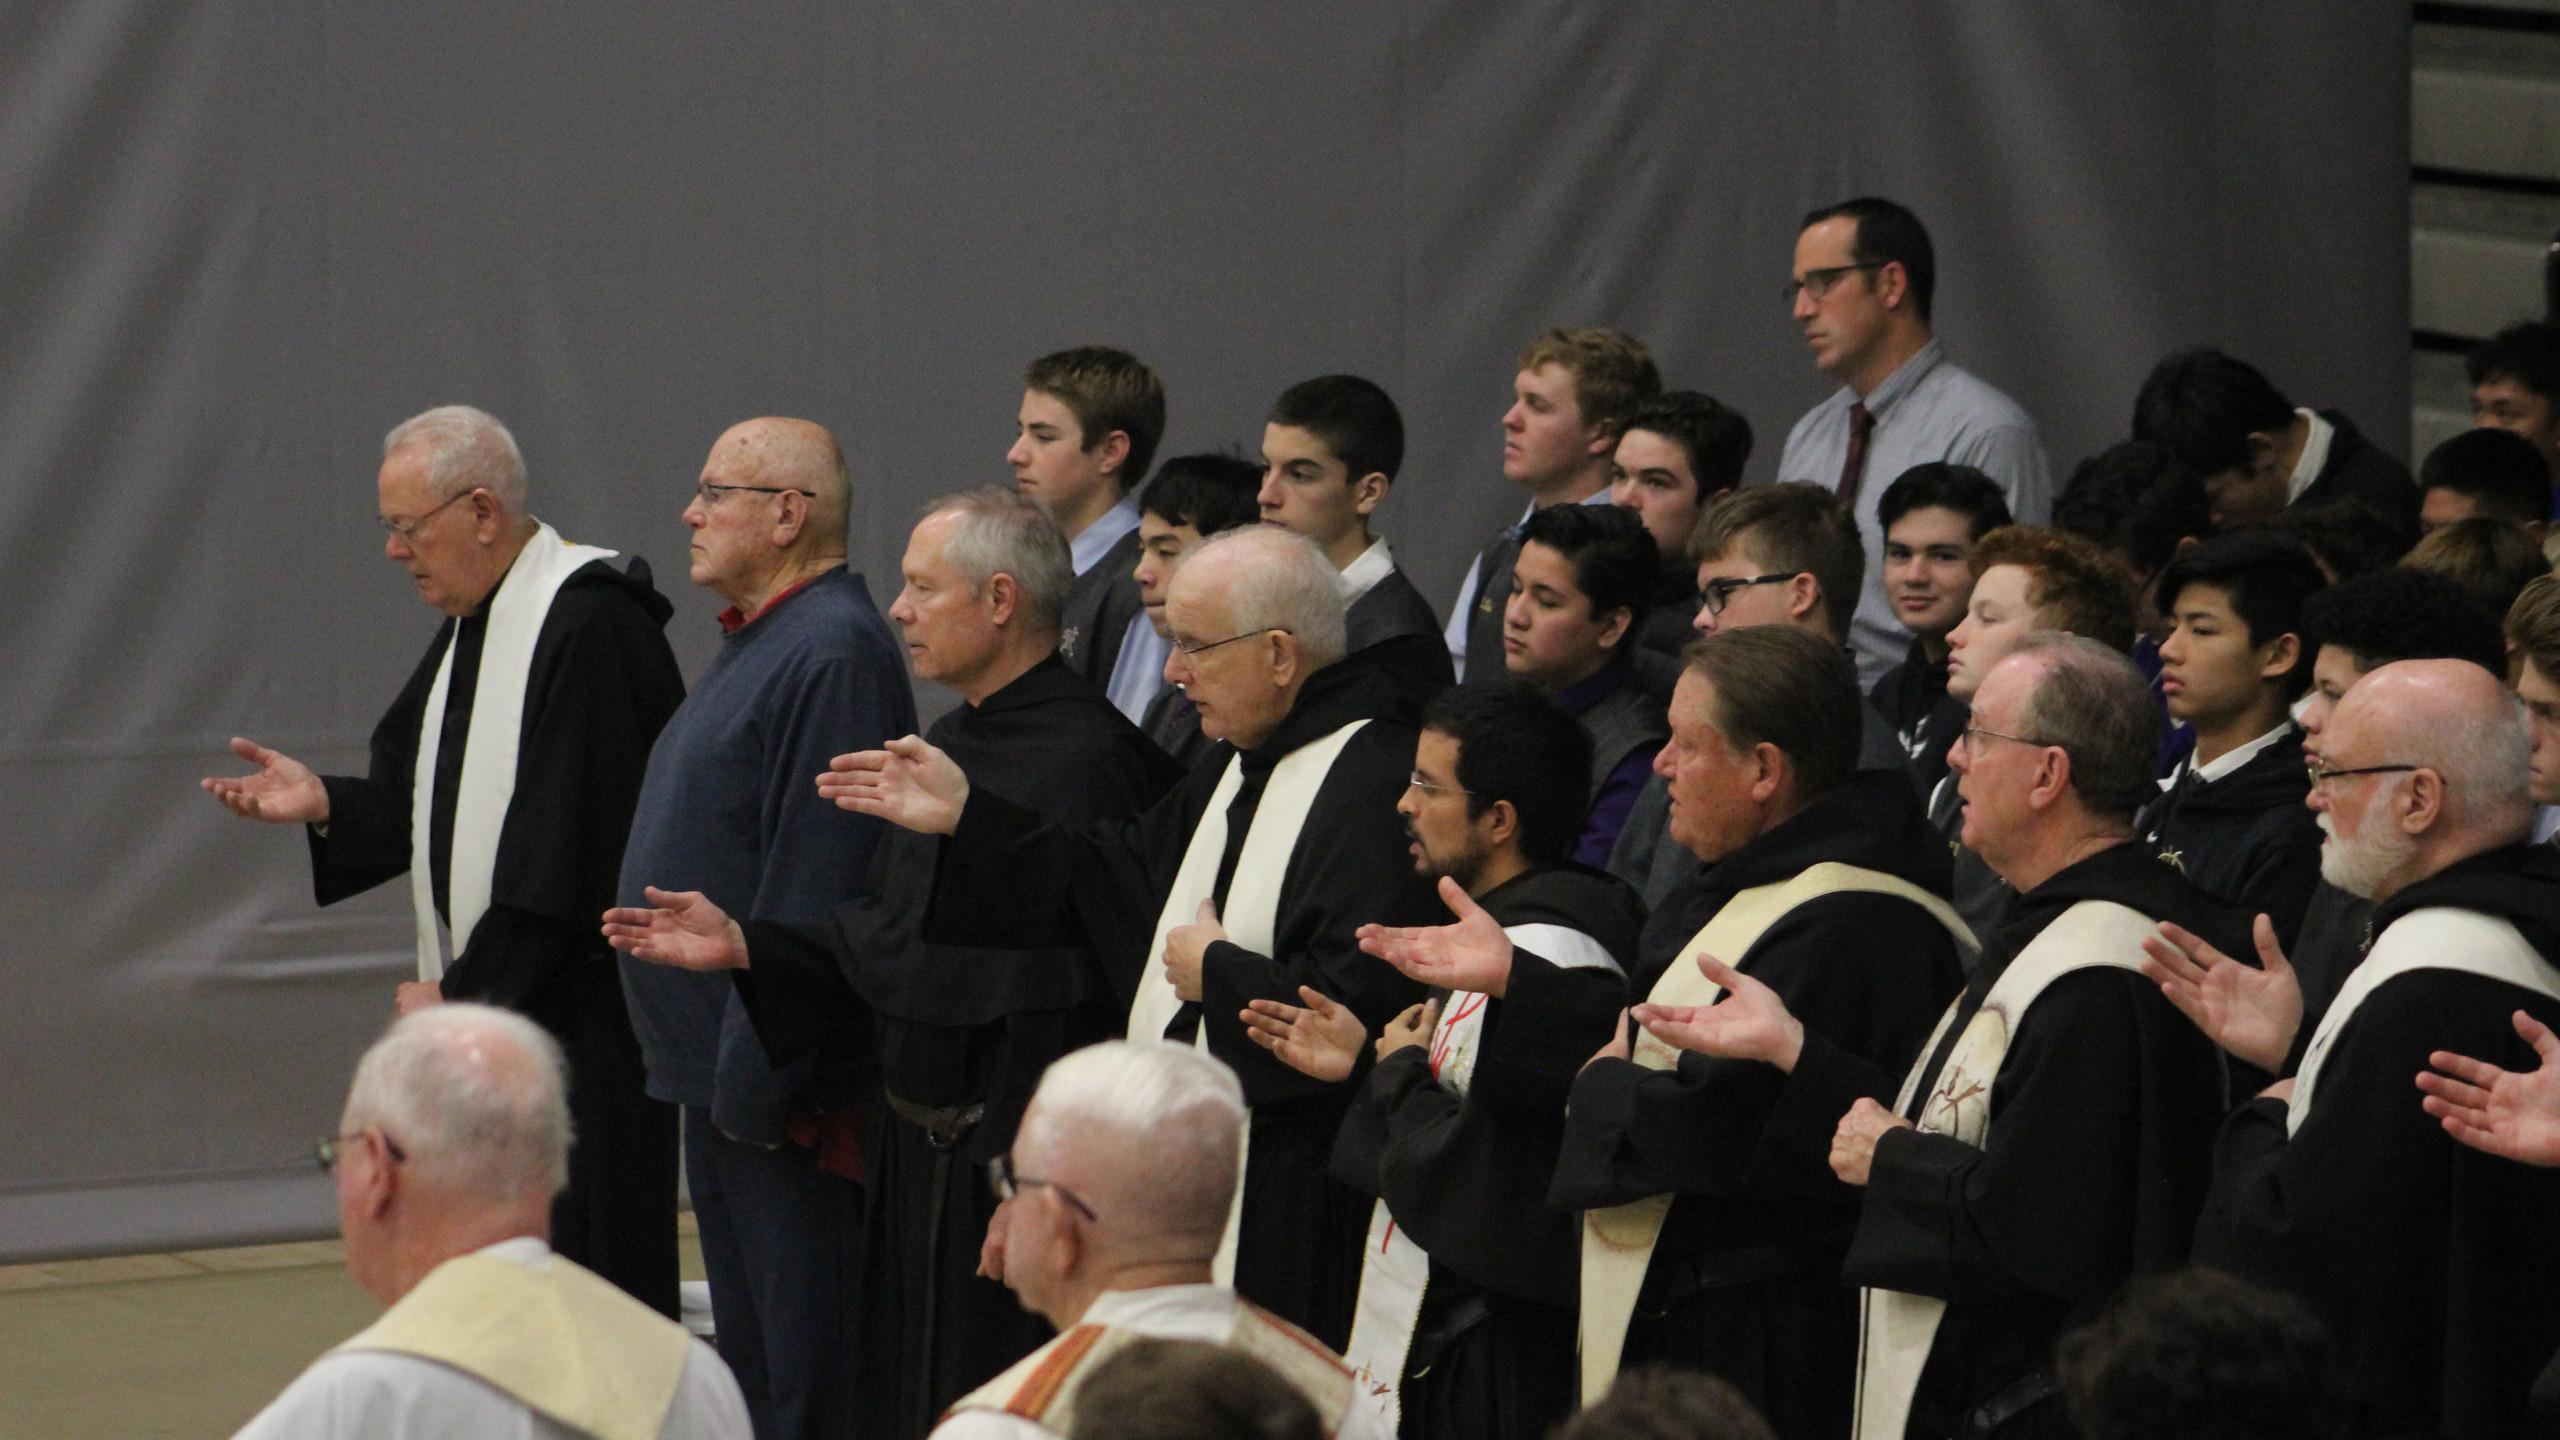 Concelebrants in prayer